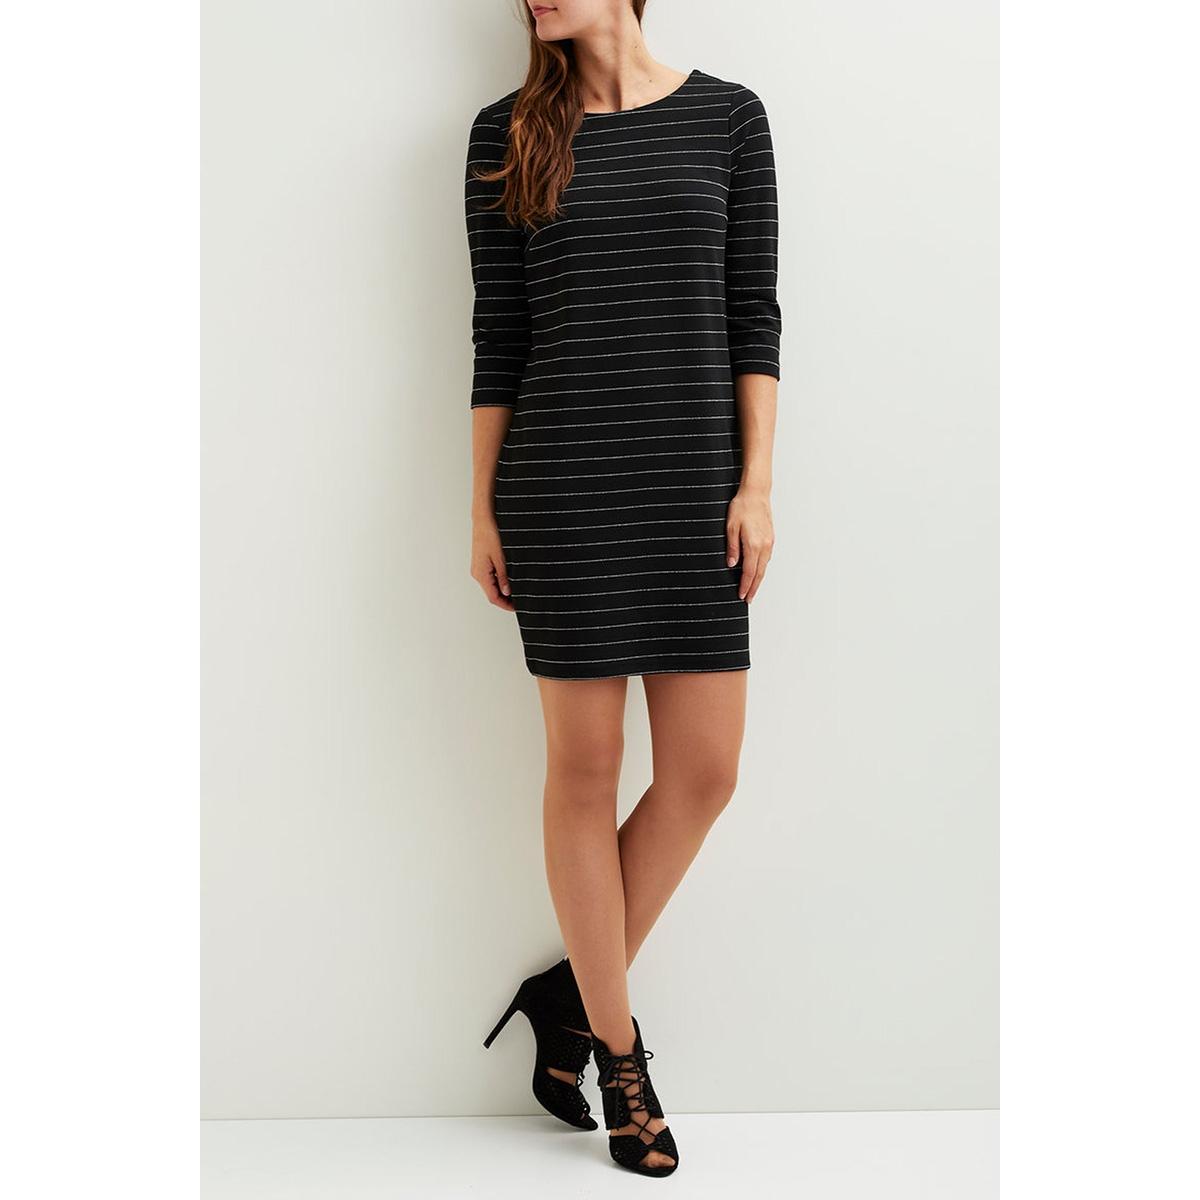 vitinny new dress - lux 14043921 vila jurk black/silver met